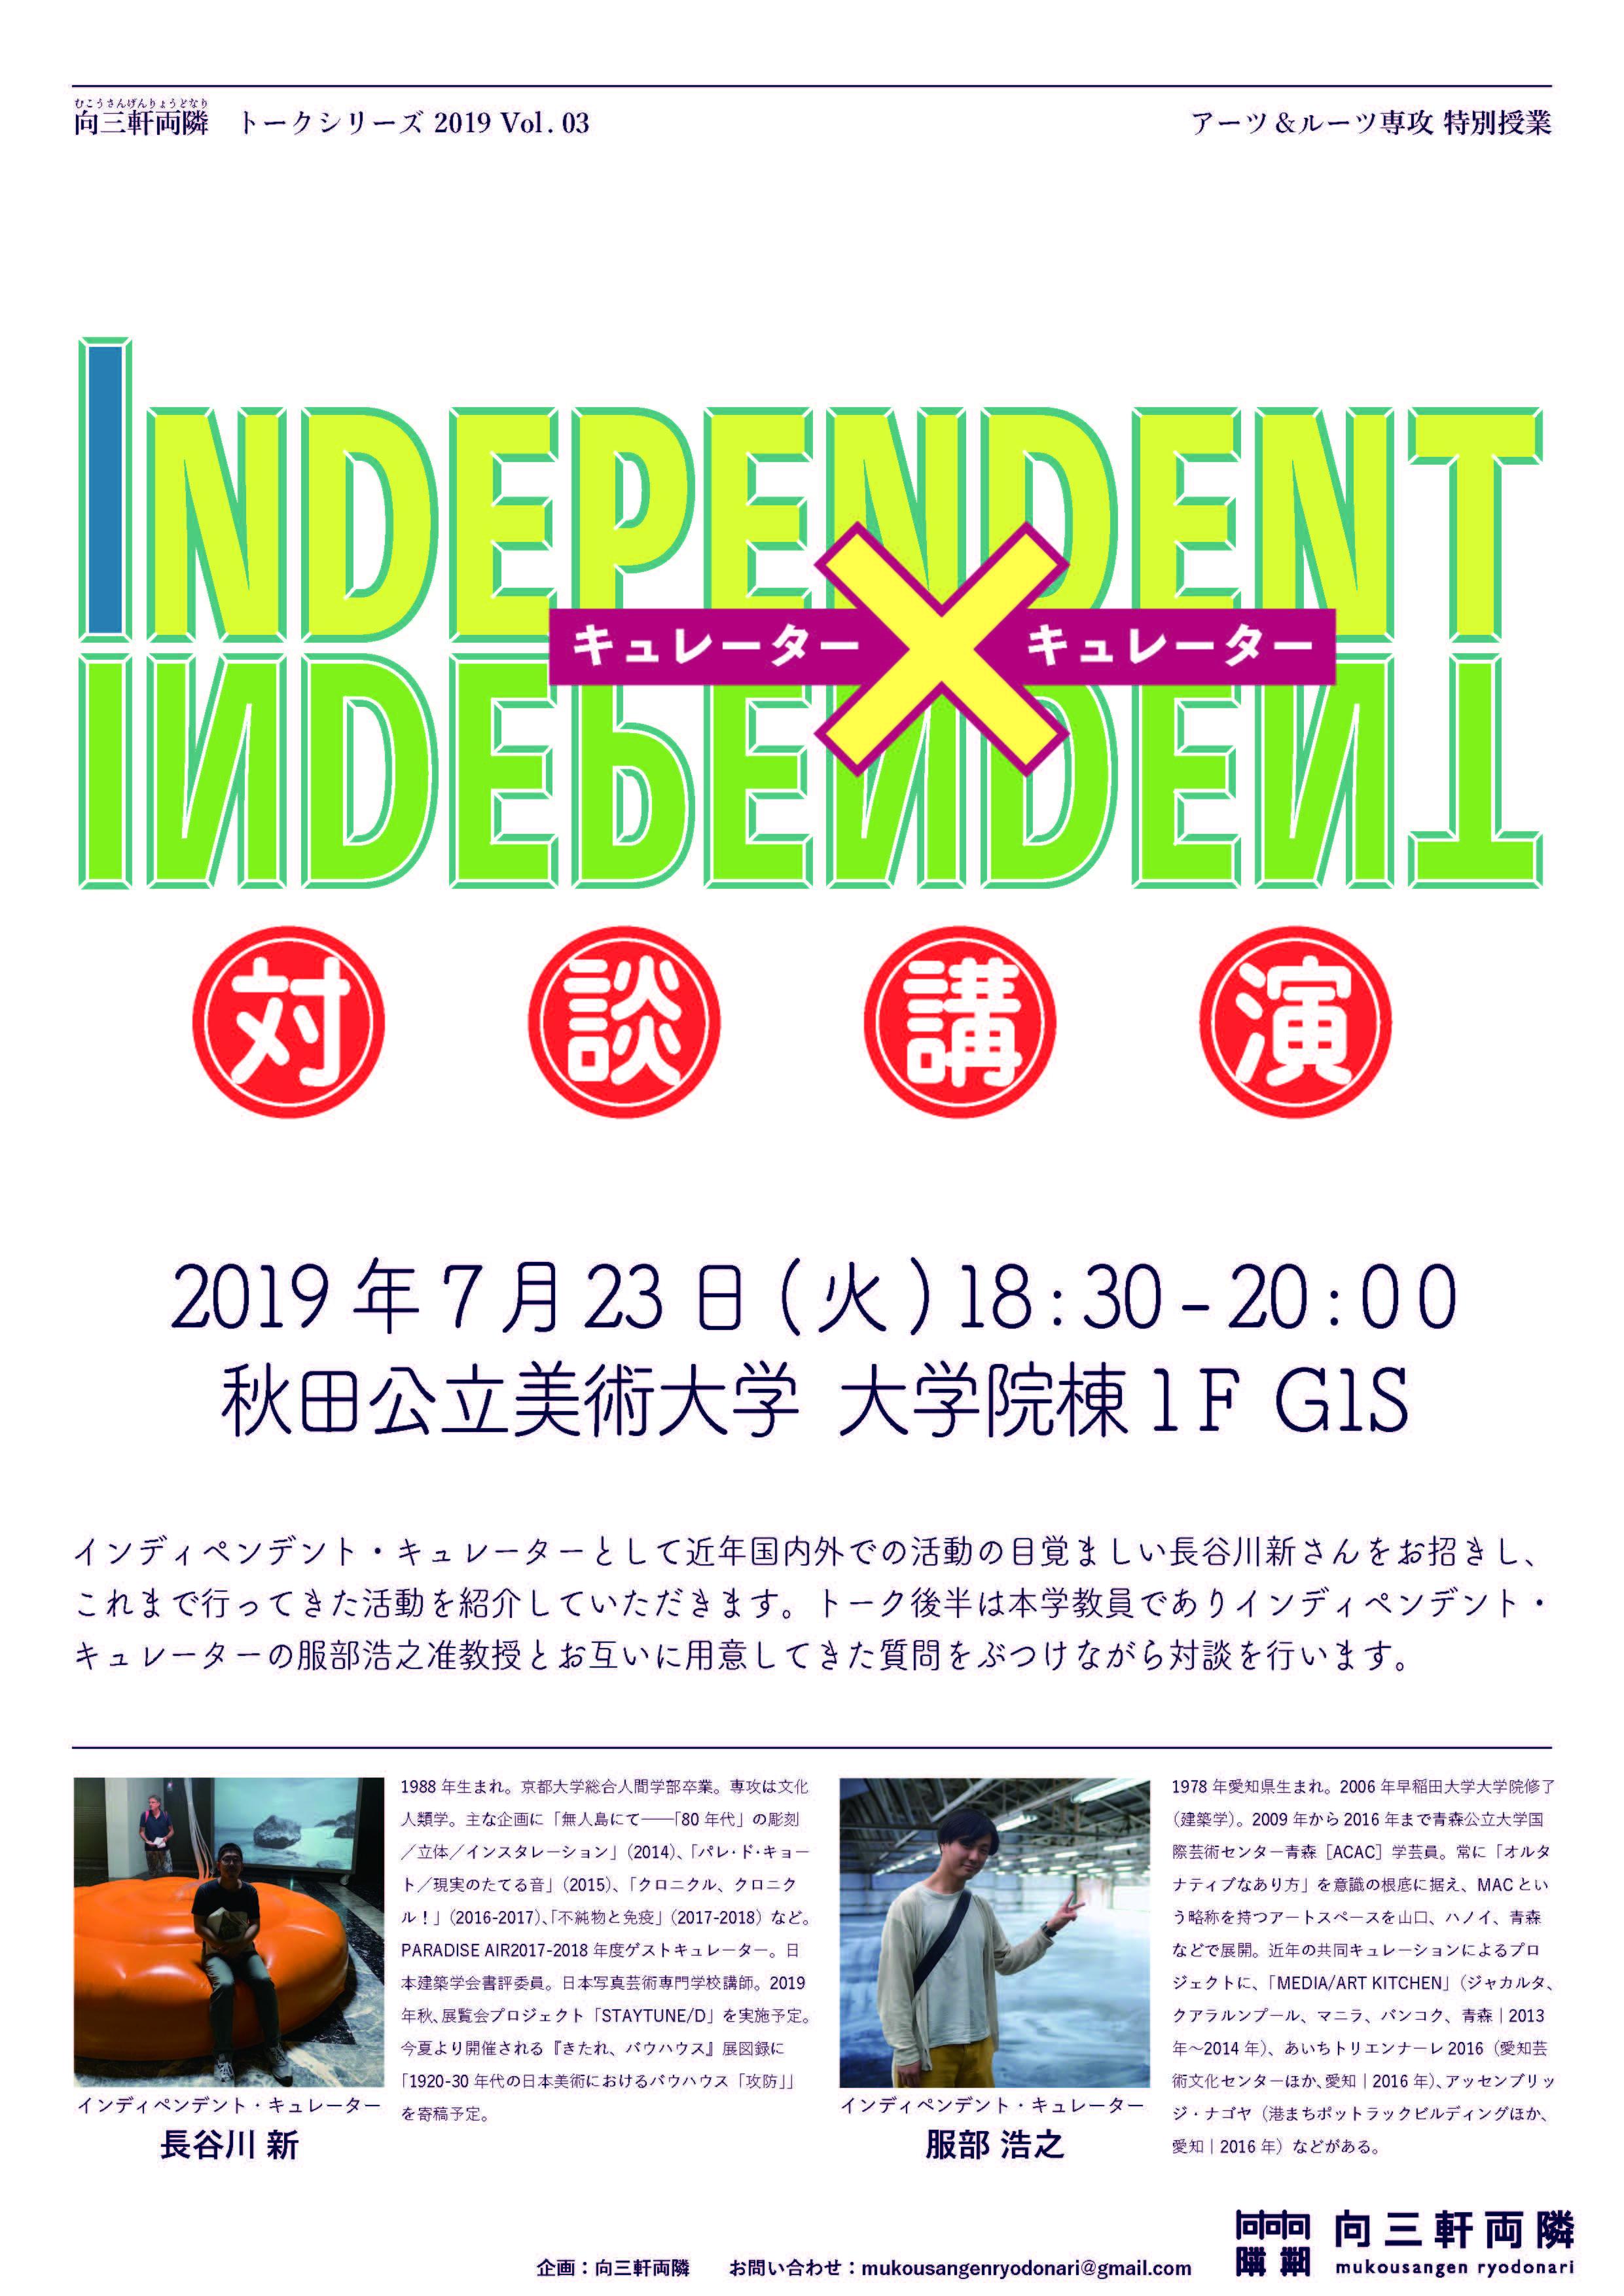 向三軒両隣トークシリーズ2019 Vol.04 AR特別授業 「INDEPENDENT×INDEPENDENT」